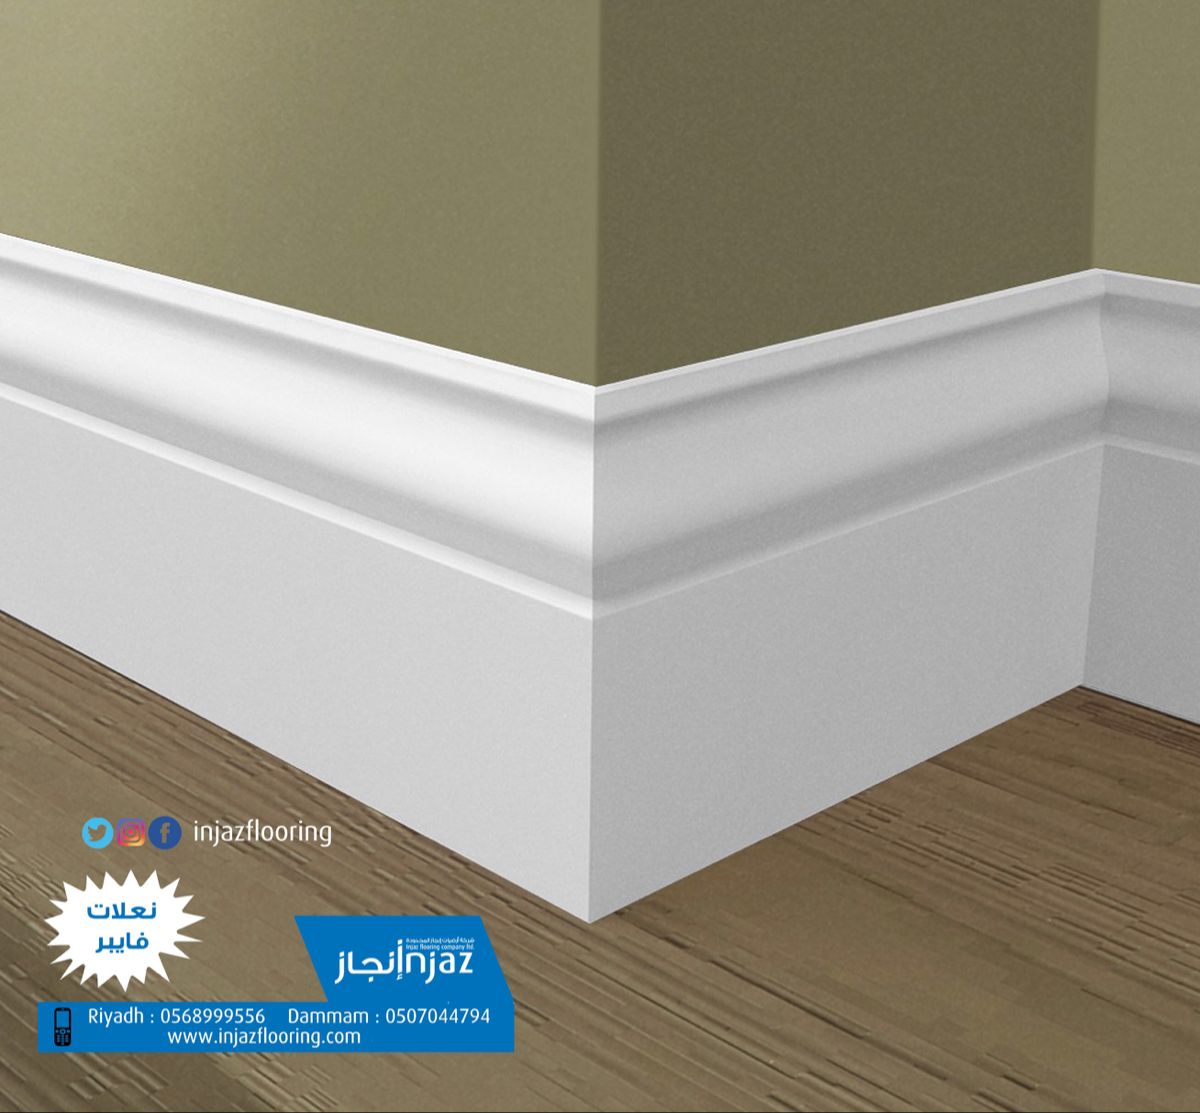 نعلات جدارية فايبر اوراك ابيض Home Room Design House Rooms Room Design